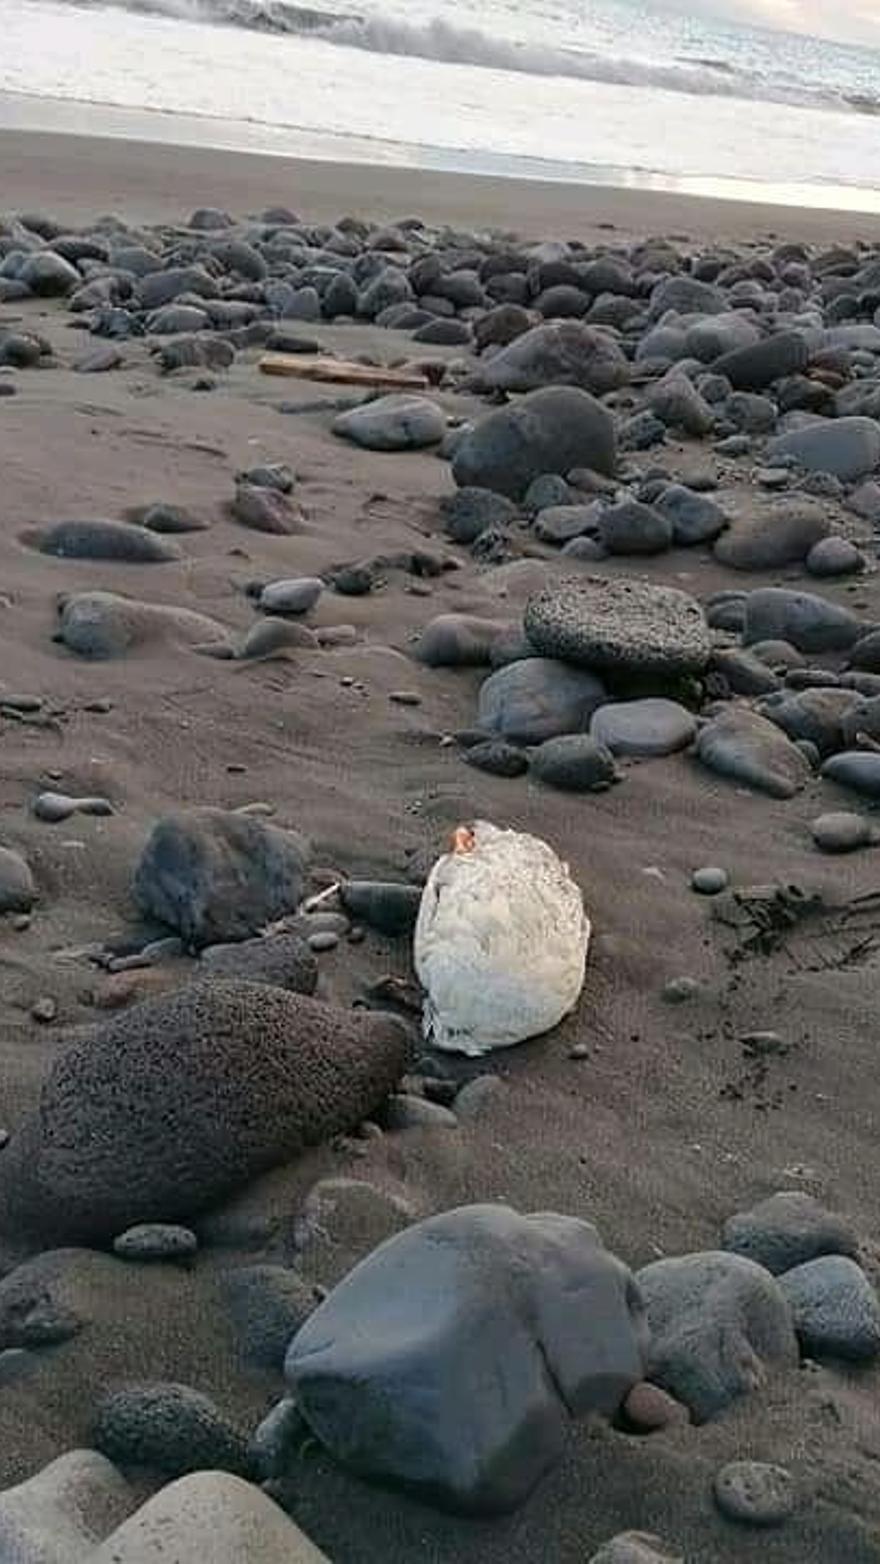 Hallan un pato decapitado en un playa de Güímar